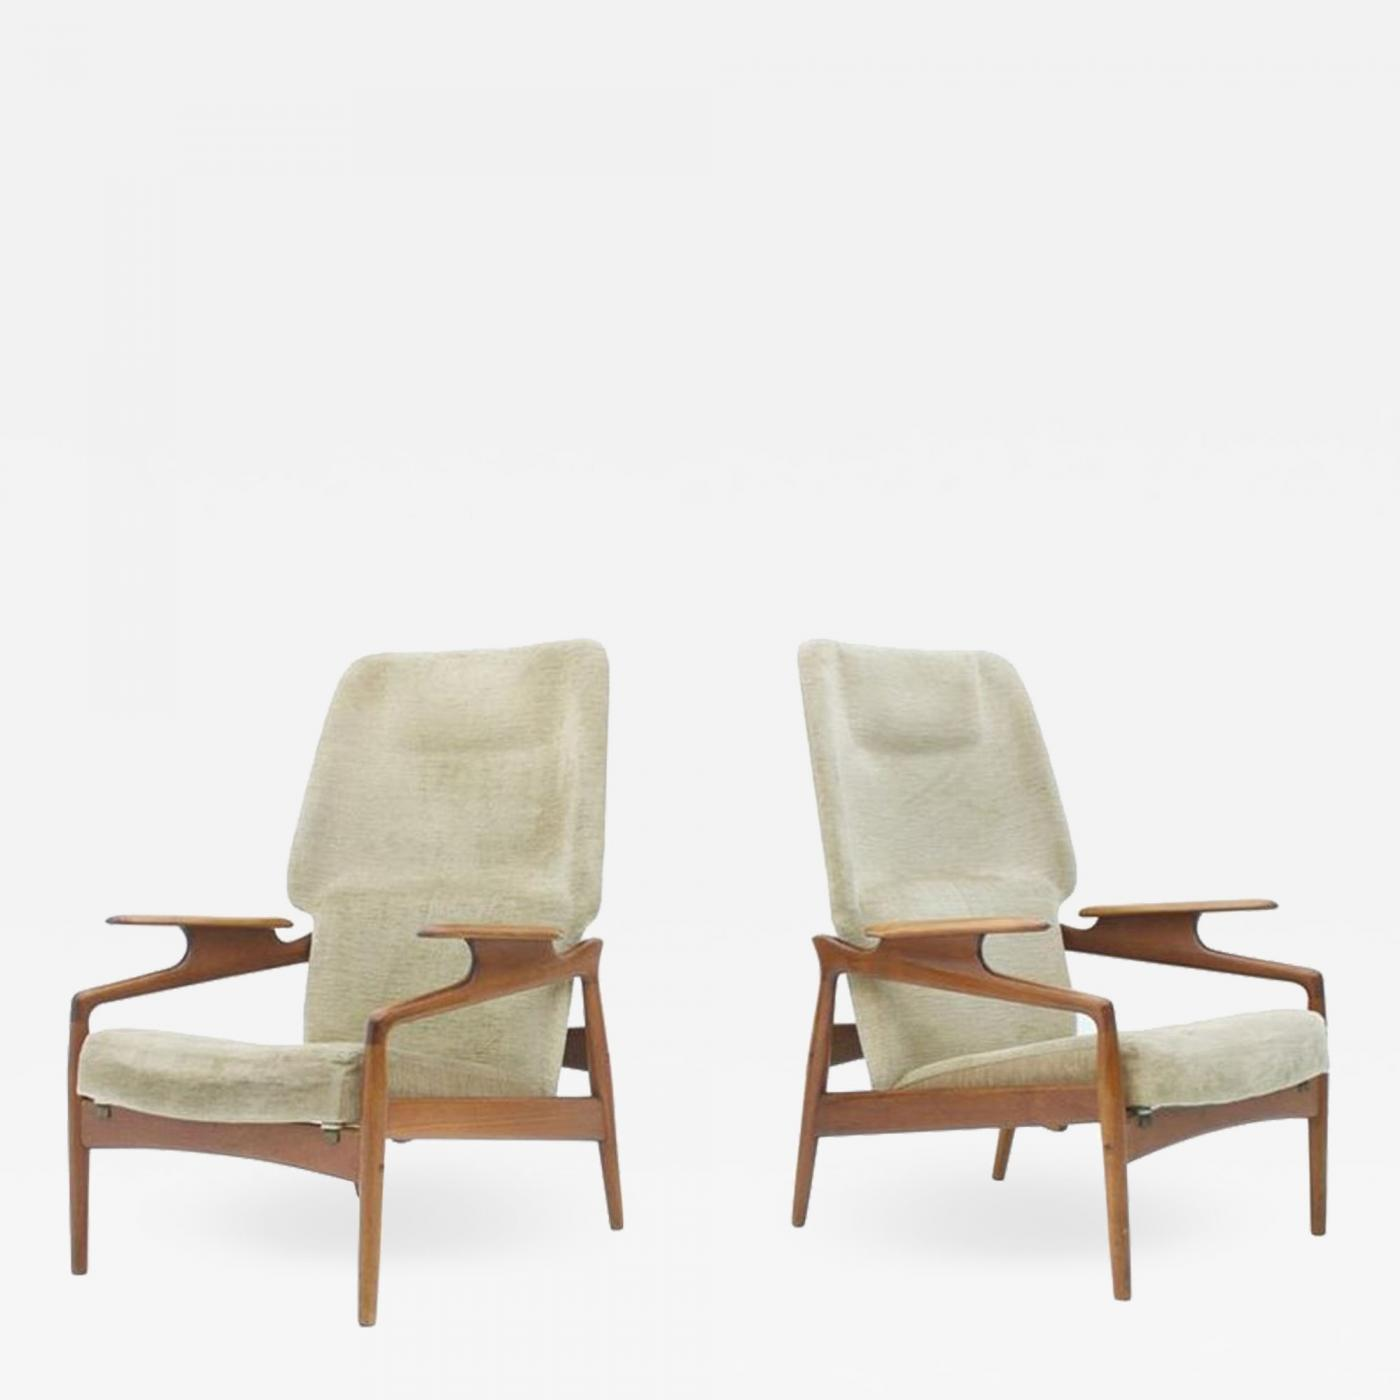 Miraculous John Bone Pair Of Reclining Lounge Chairs By John Bone Denmark 1960S Short Links Chair Design For Home Short Linksinfo